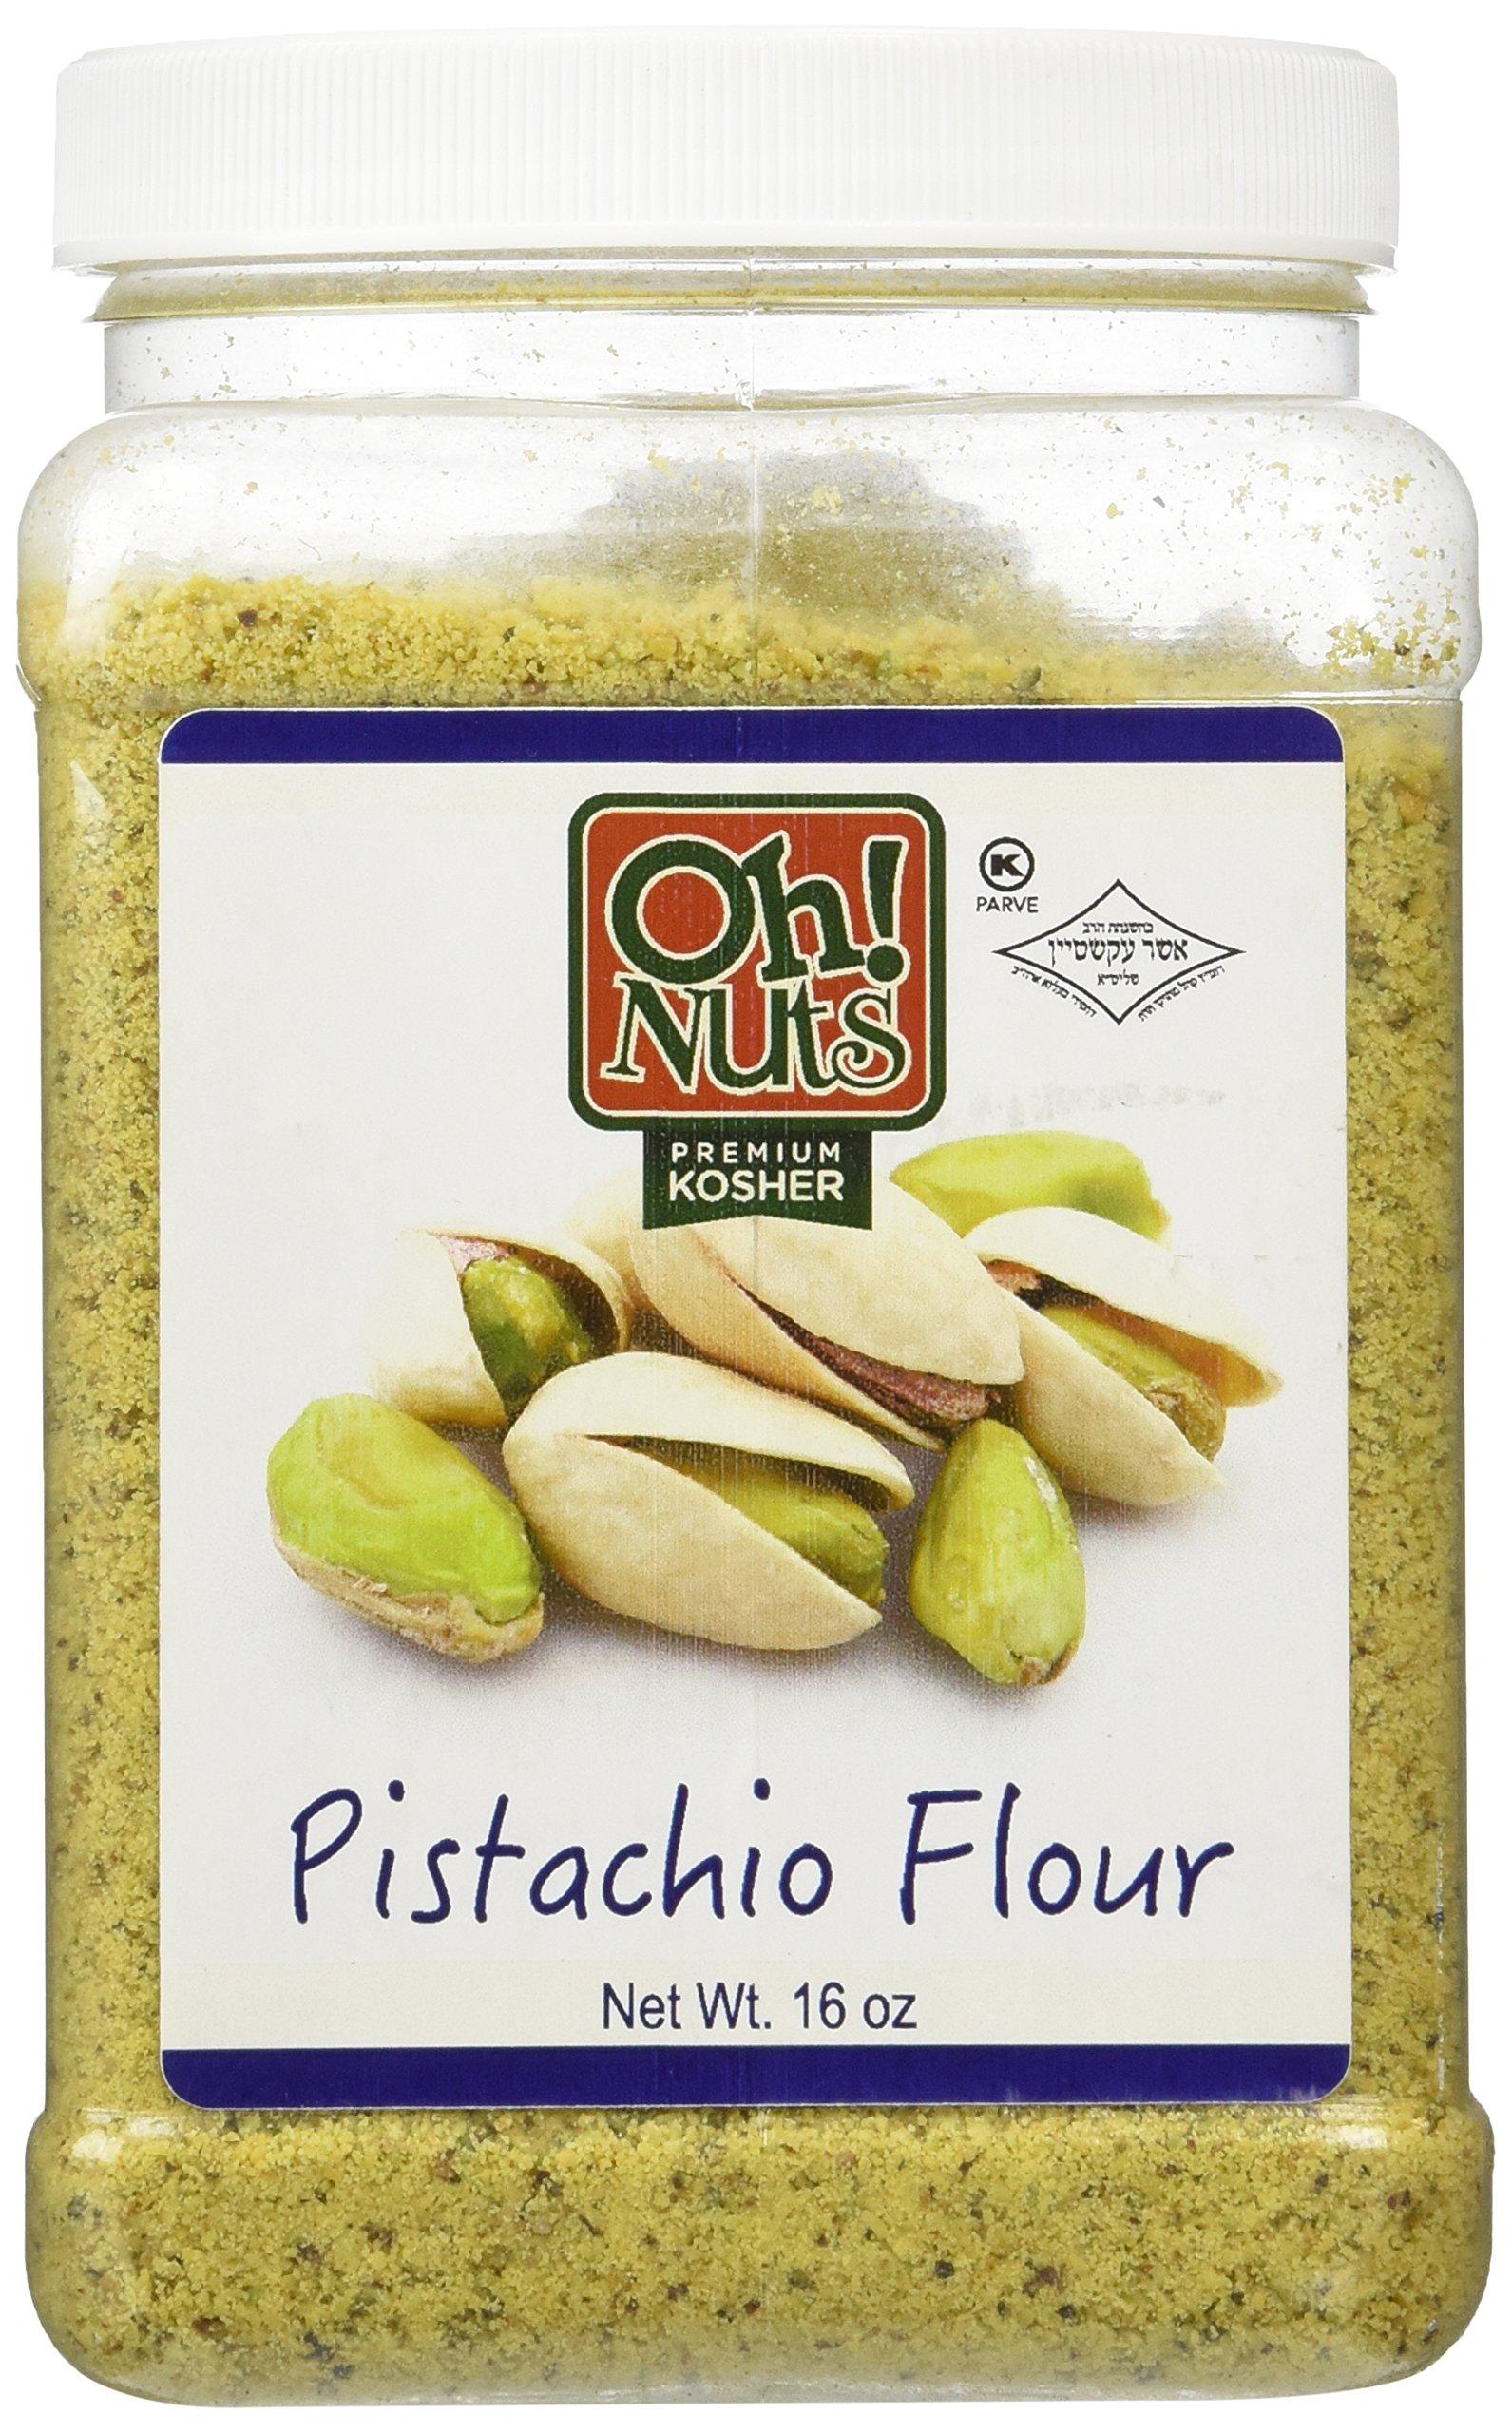 Flours & Meals 1 LB Jars - Oh! Nuts (Ground pistachios)